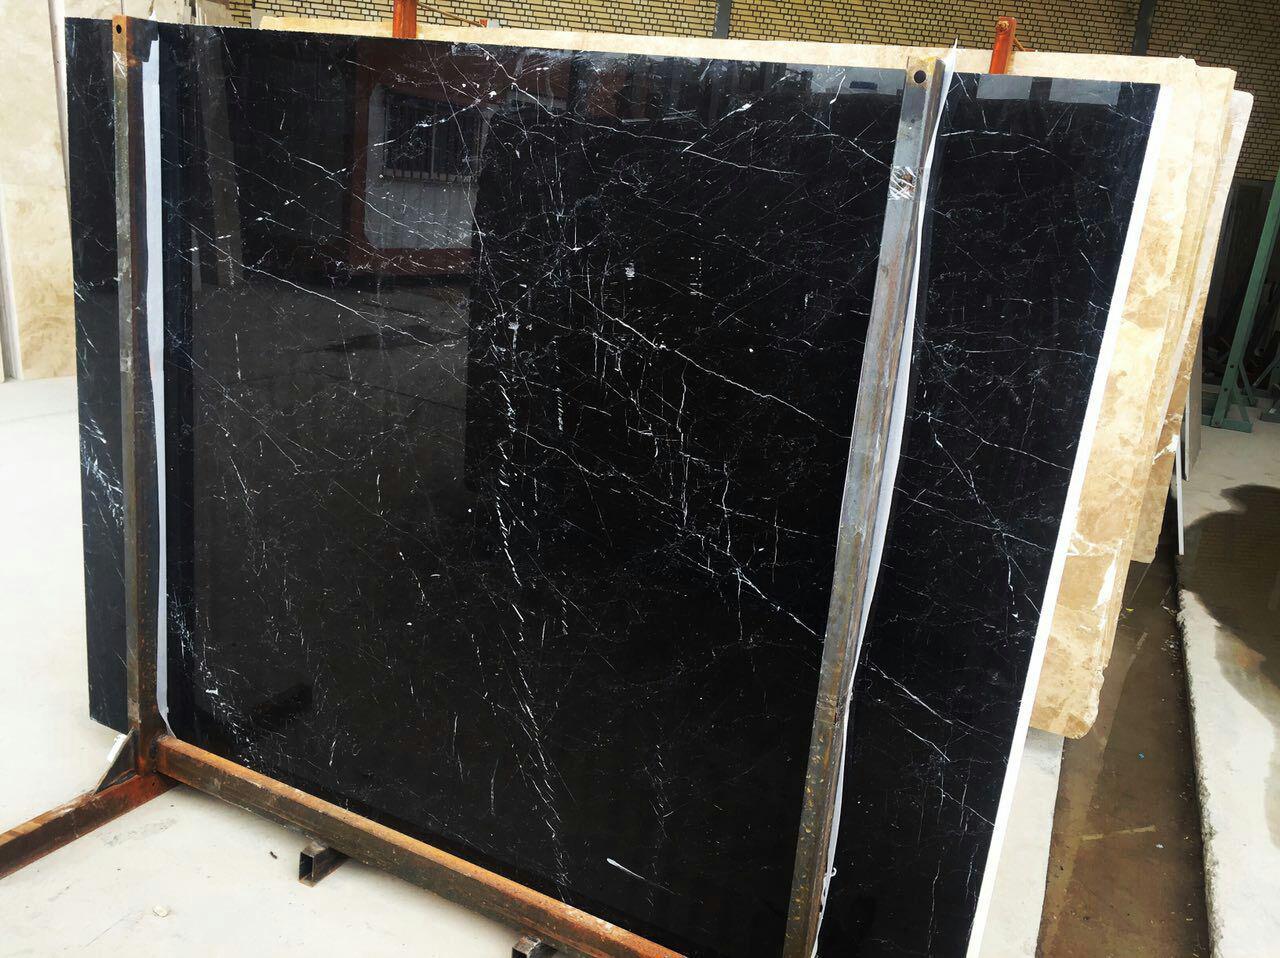 Armani Black Marble Slabs